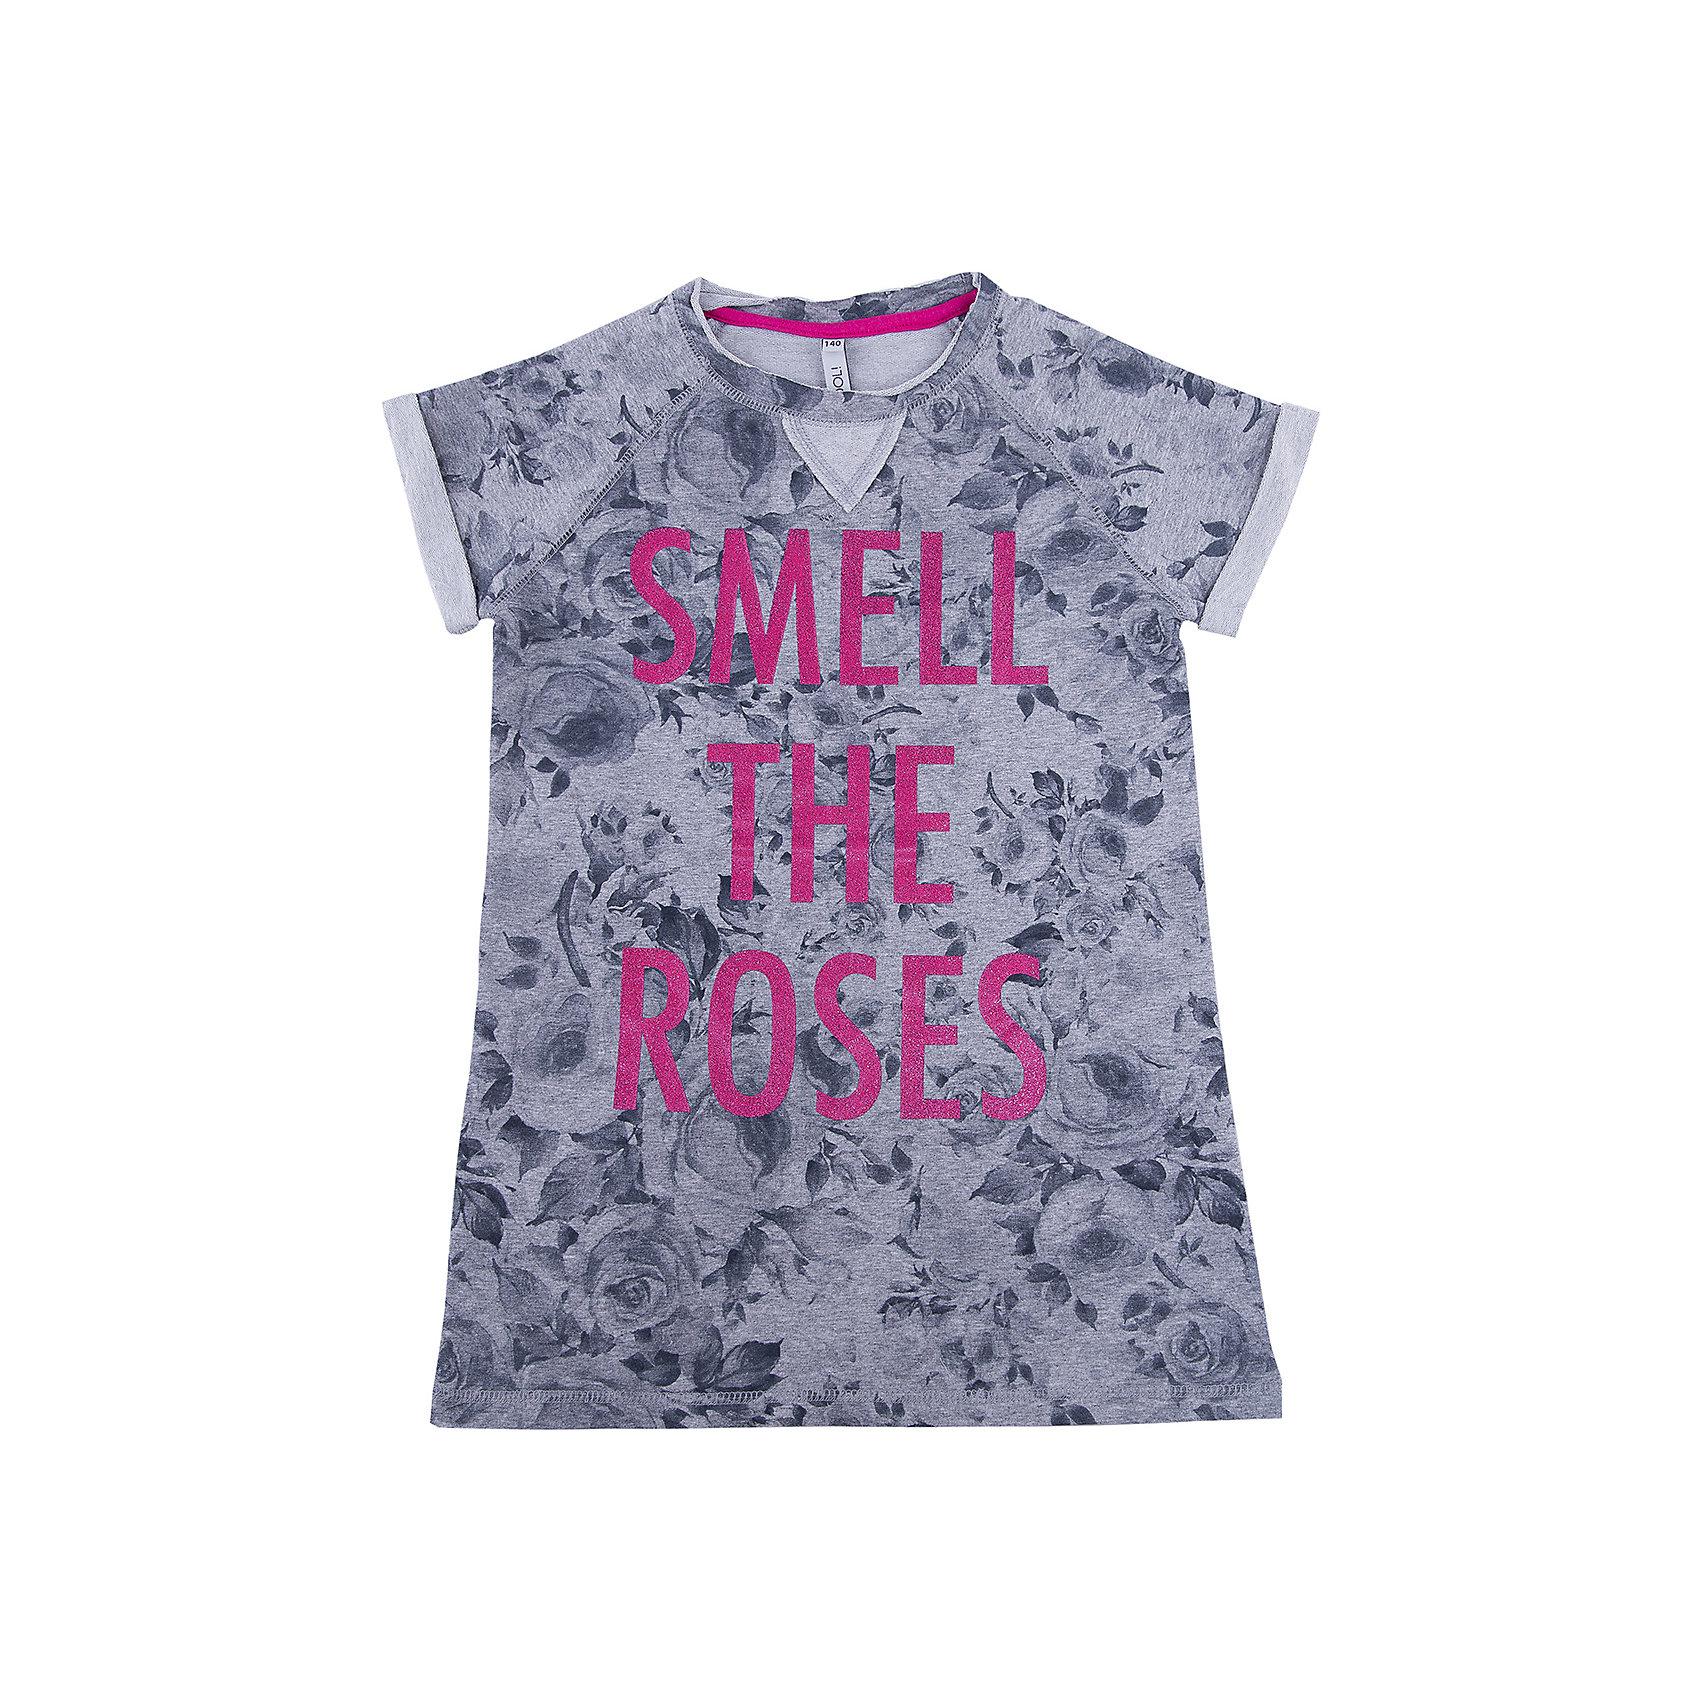 Платье для девочки ScoolПлатья и сарафаны<br>Платье для девочки Scool – укороченная летняя модель.<br>Серое платье с розами отлично подойдет под джинсы или легинсы, как туника. Треугольник в воротничке создает эффект многослойности. Платье с короткими «закатанными» рукавами, закрывающими плечи, идеально для жаркой погоды. Надпись не тускнеет от машинной стирки.<br><br>Дополнительная информация:<br><br>- материал: 80% хлопок, 15% полиэстер, 5% эластан<br>- цвет: серый<br><br>Платье для девочки Scool можно купить в нашем интернет магазине.<br><br>Ширина мм: 236<br>Глубина мм: 16<br>Высота мм: 184<br>Вес г: 177<br>Цвет: белый<br>Возраст от месяцев: 96<br>Возраст до месяцев: 108<br>Пол: Женский<br>Возраст: Детский<br>Размер: 134,140,164,158,146,152<br>SKU: 4912039